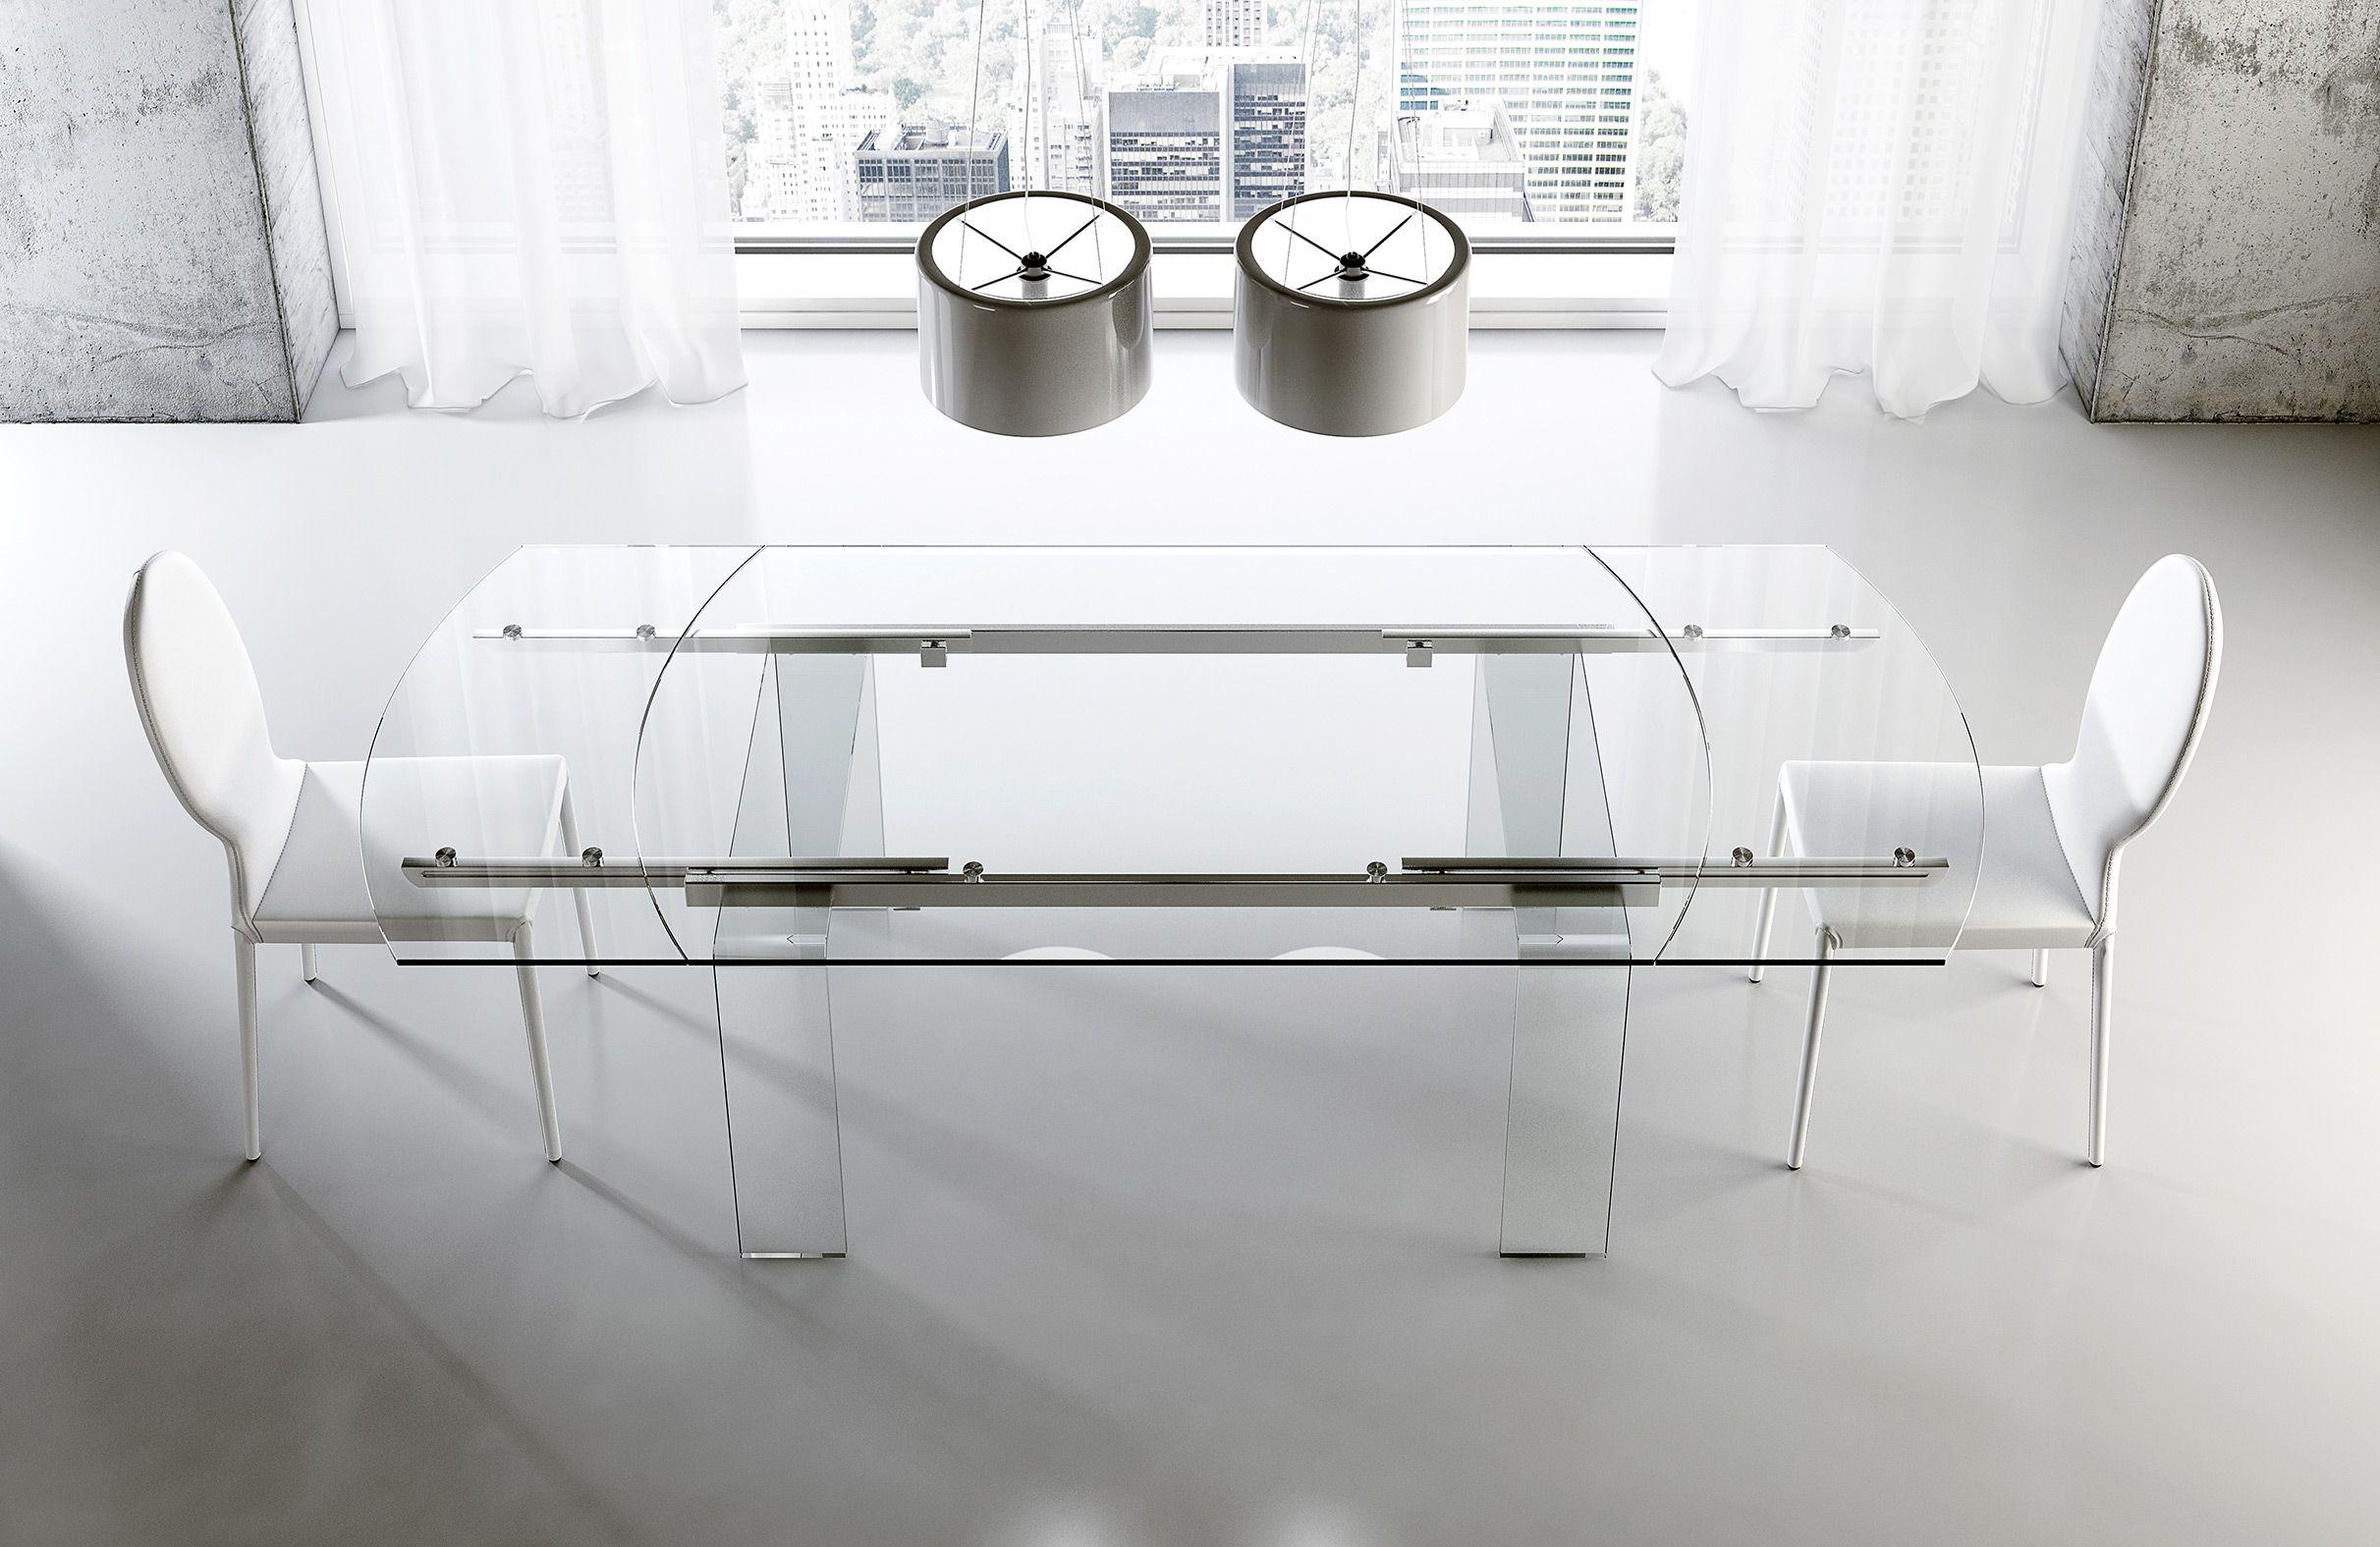 Tavoli di vetro - Foto 1 LivingCorriere | Casa, dolce casa ...